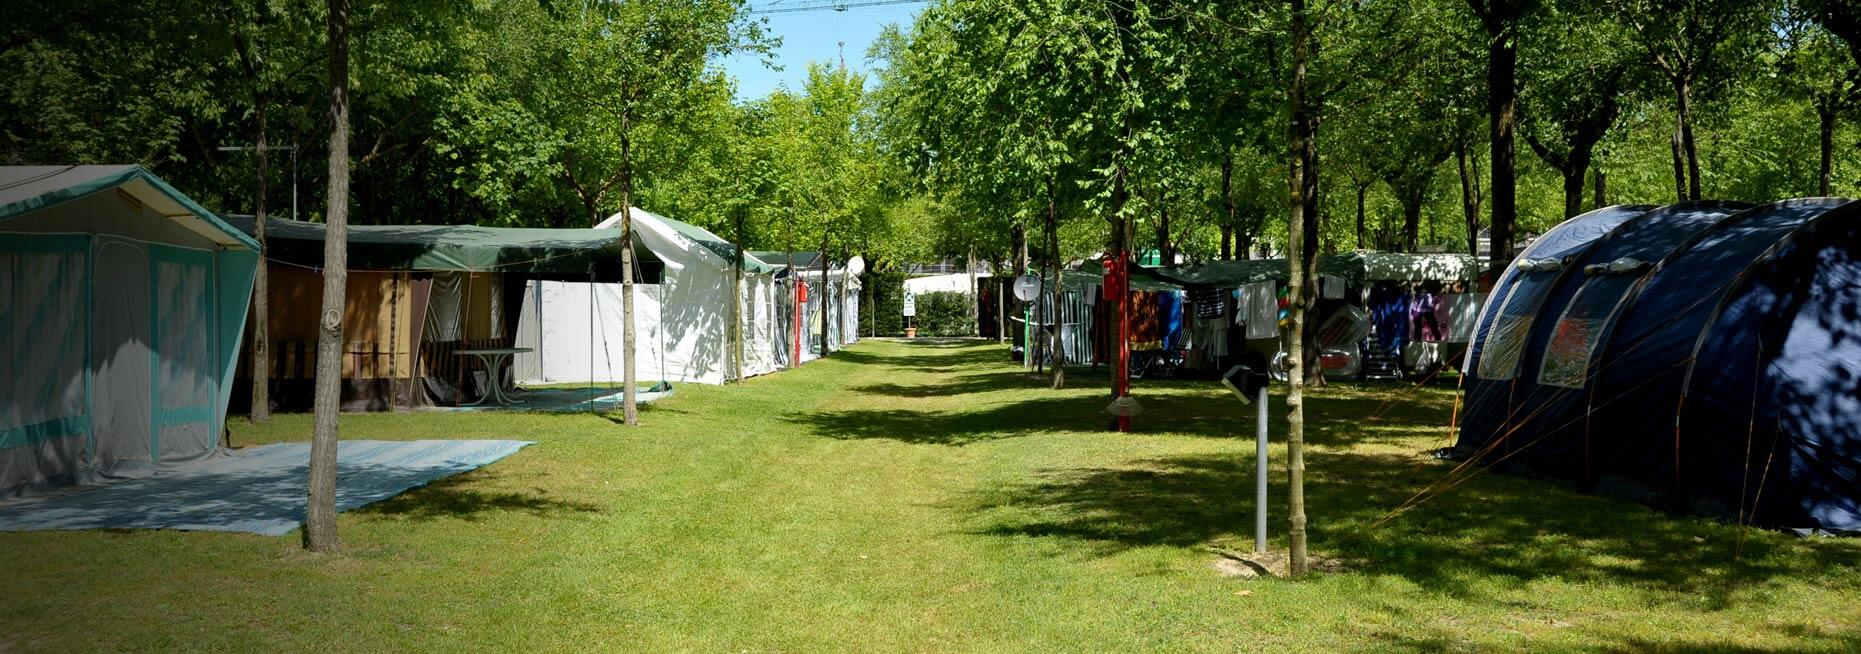 campingsantin it home 012